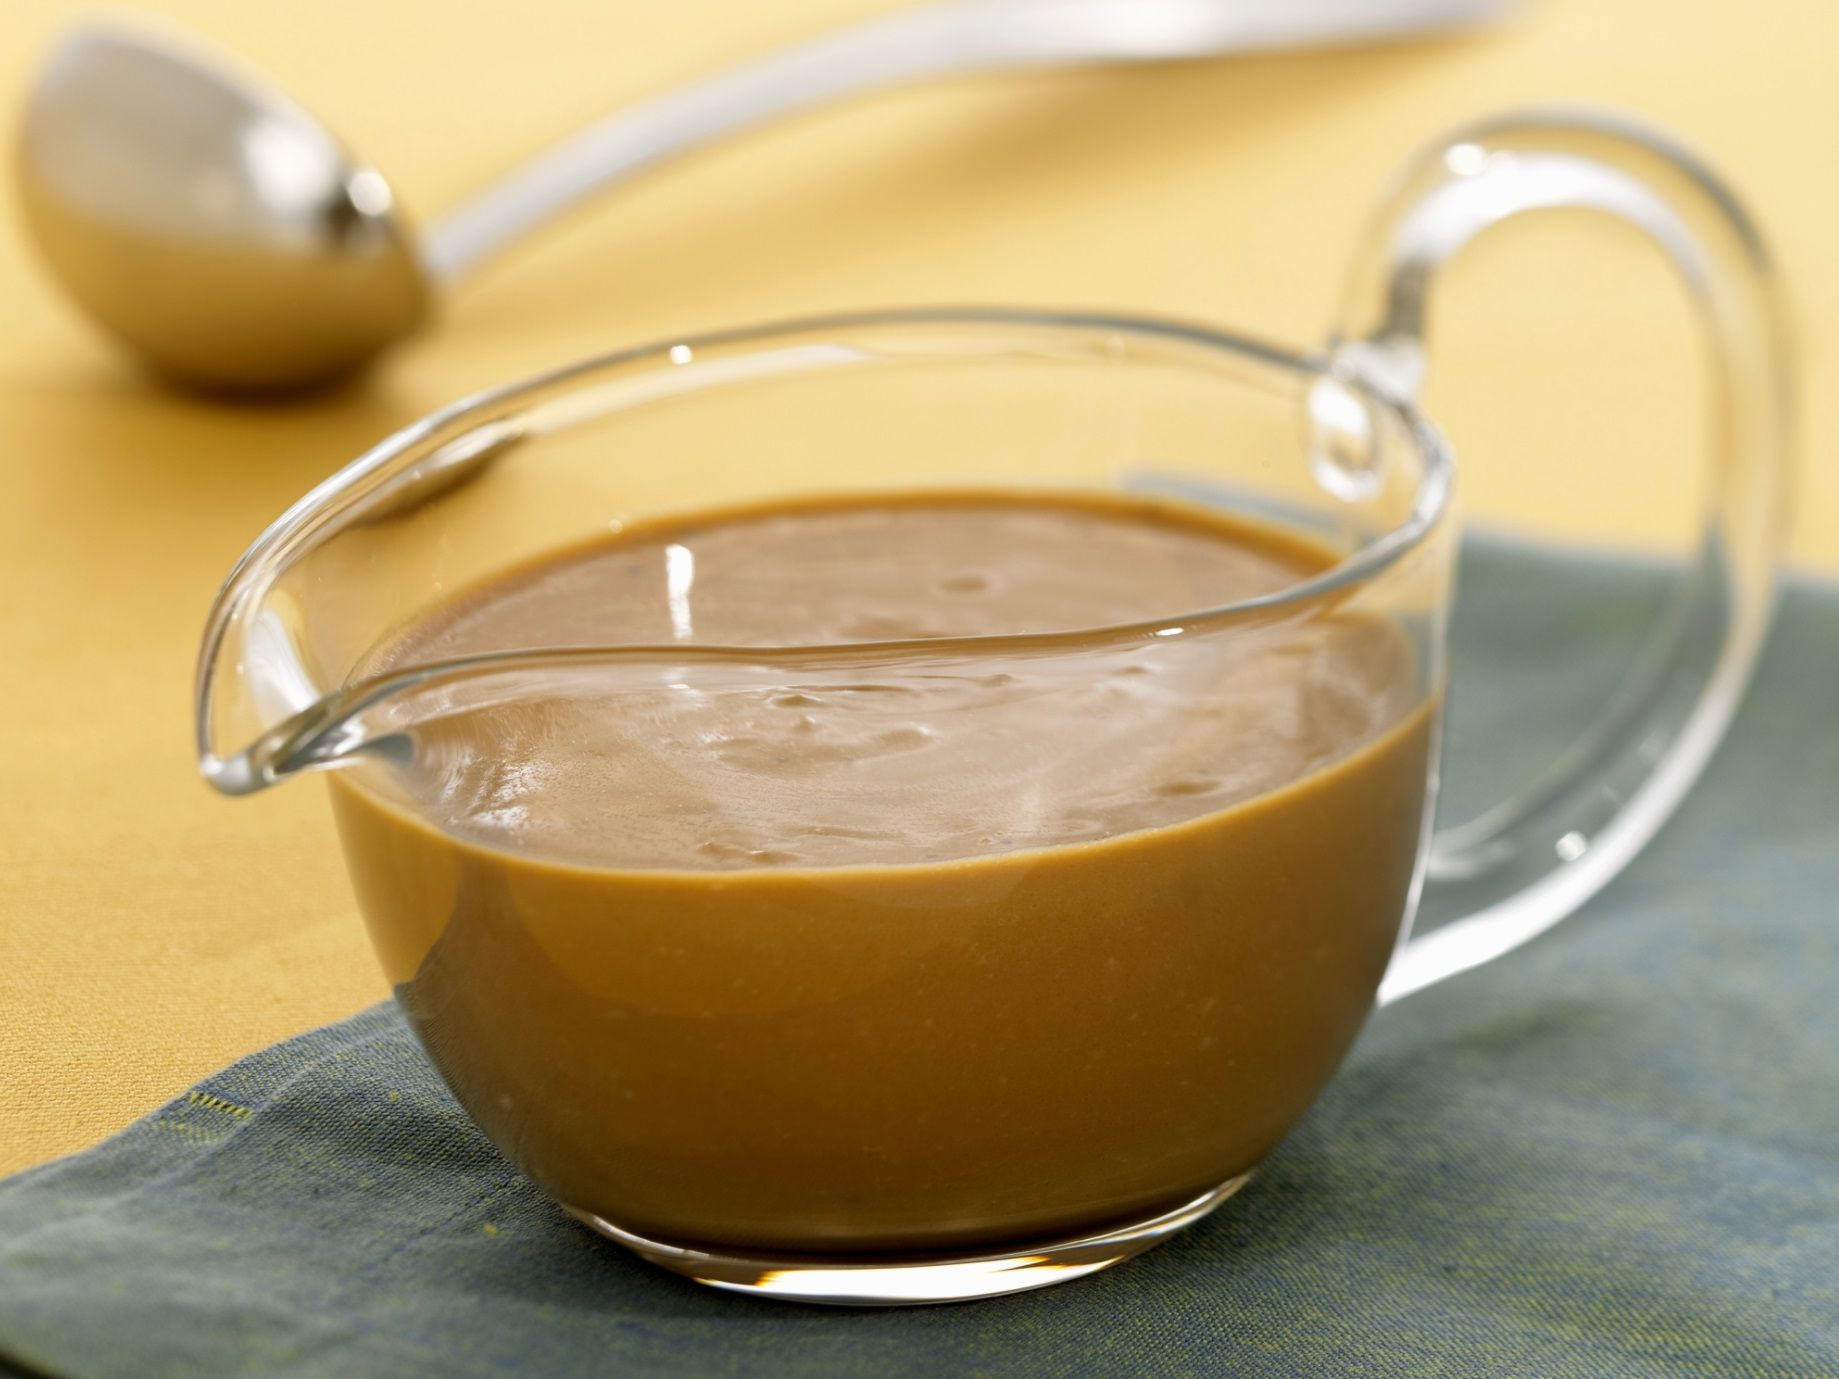 how to thicken gravy on keto diet